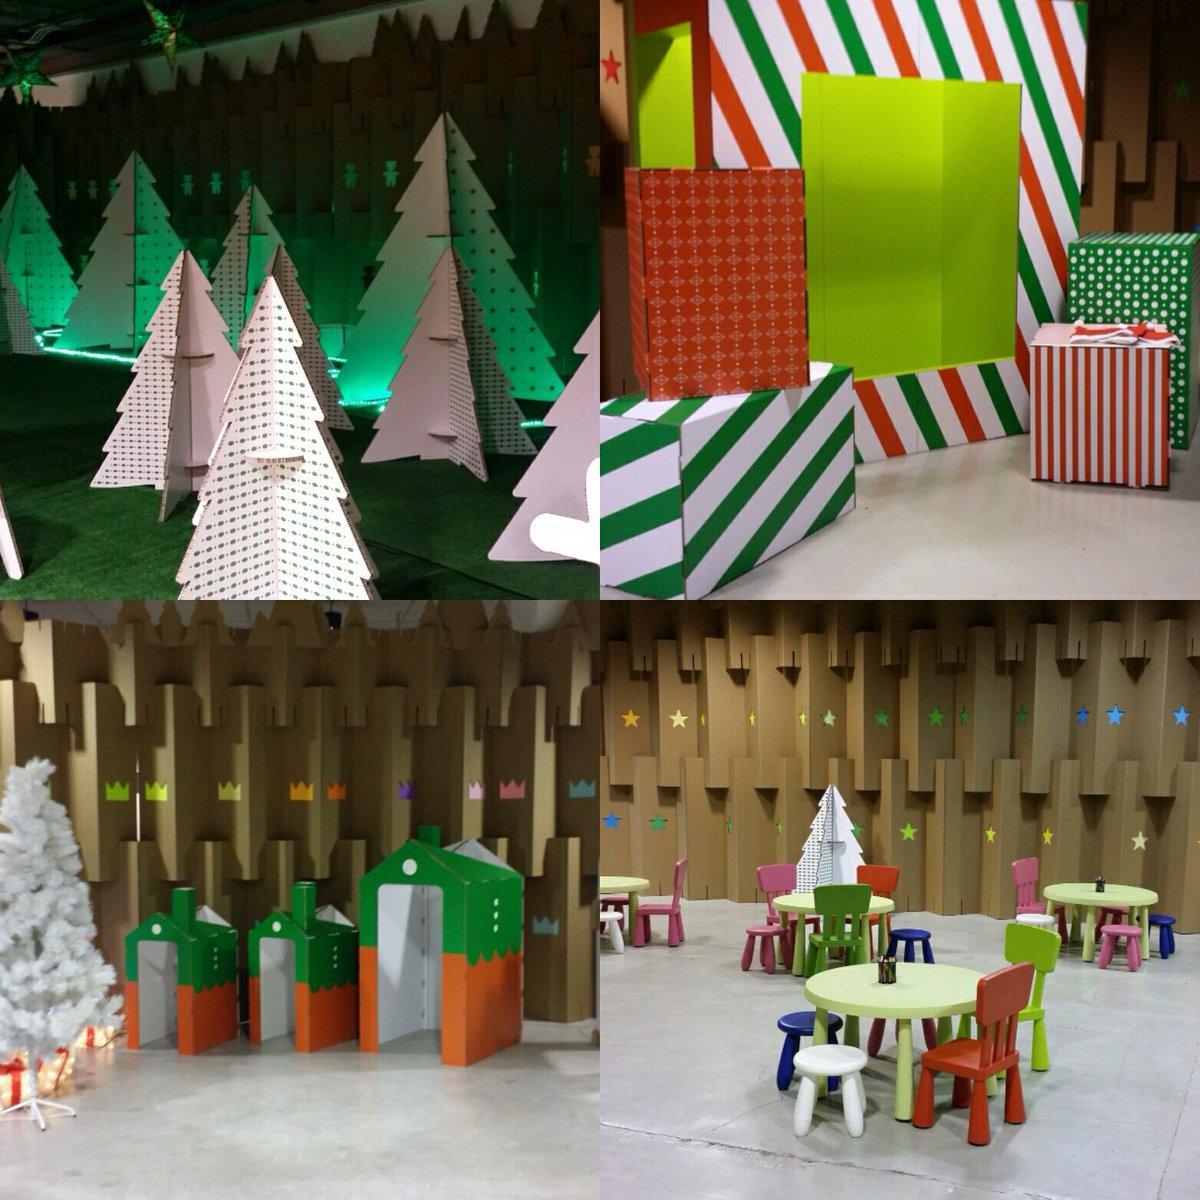 decoración navideña en centro comercial habaneras torrevieja fabrica de los sueños laberinto pueblo elfos bosque de los sueños